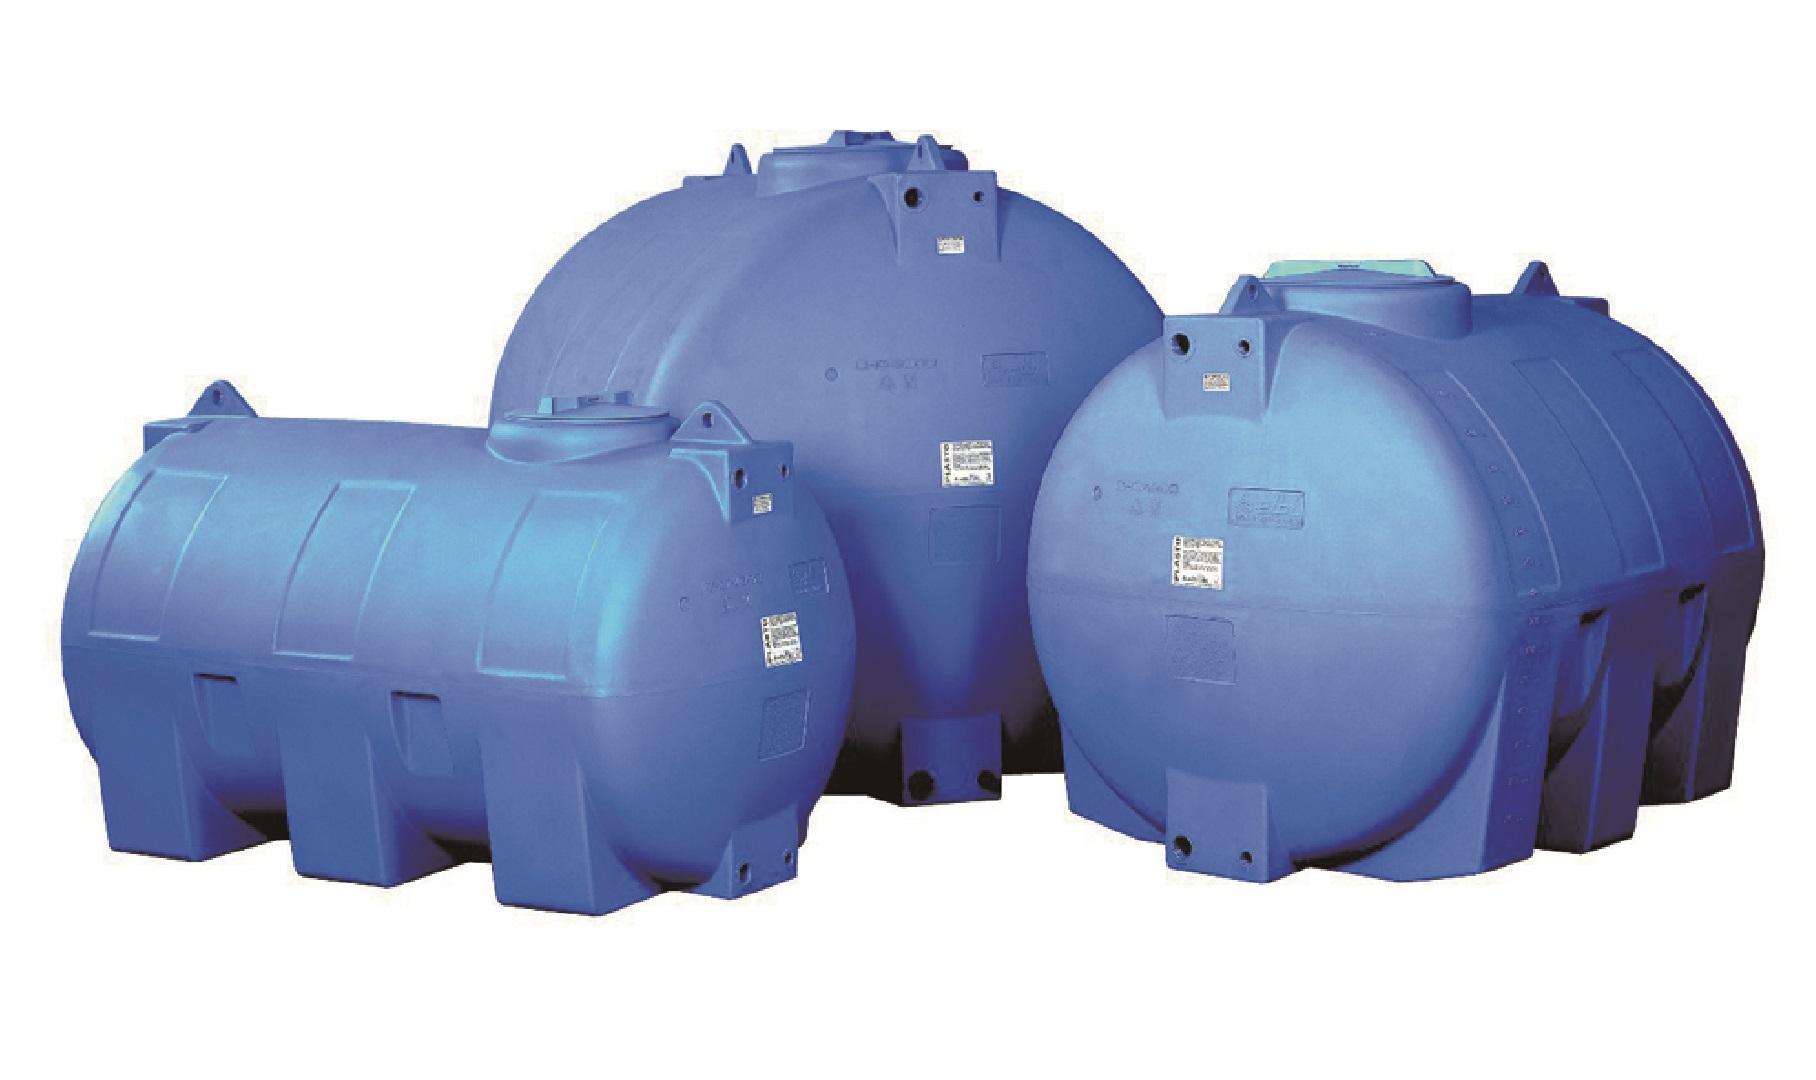 Cuve à eau cylindrique de 2000 litres